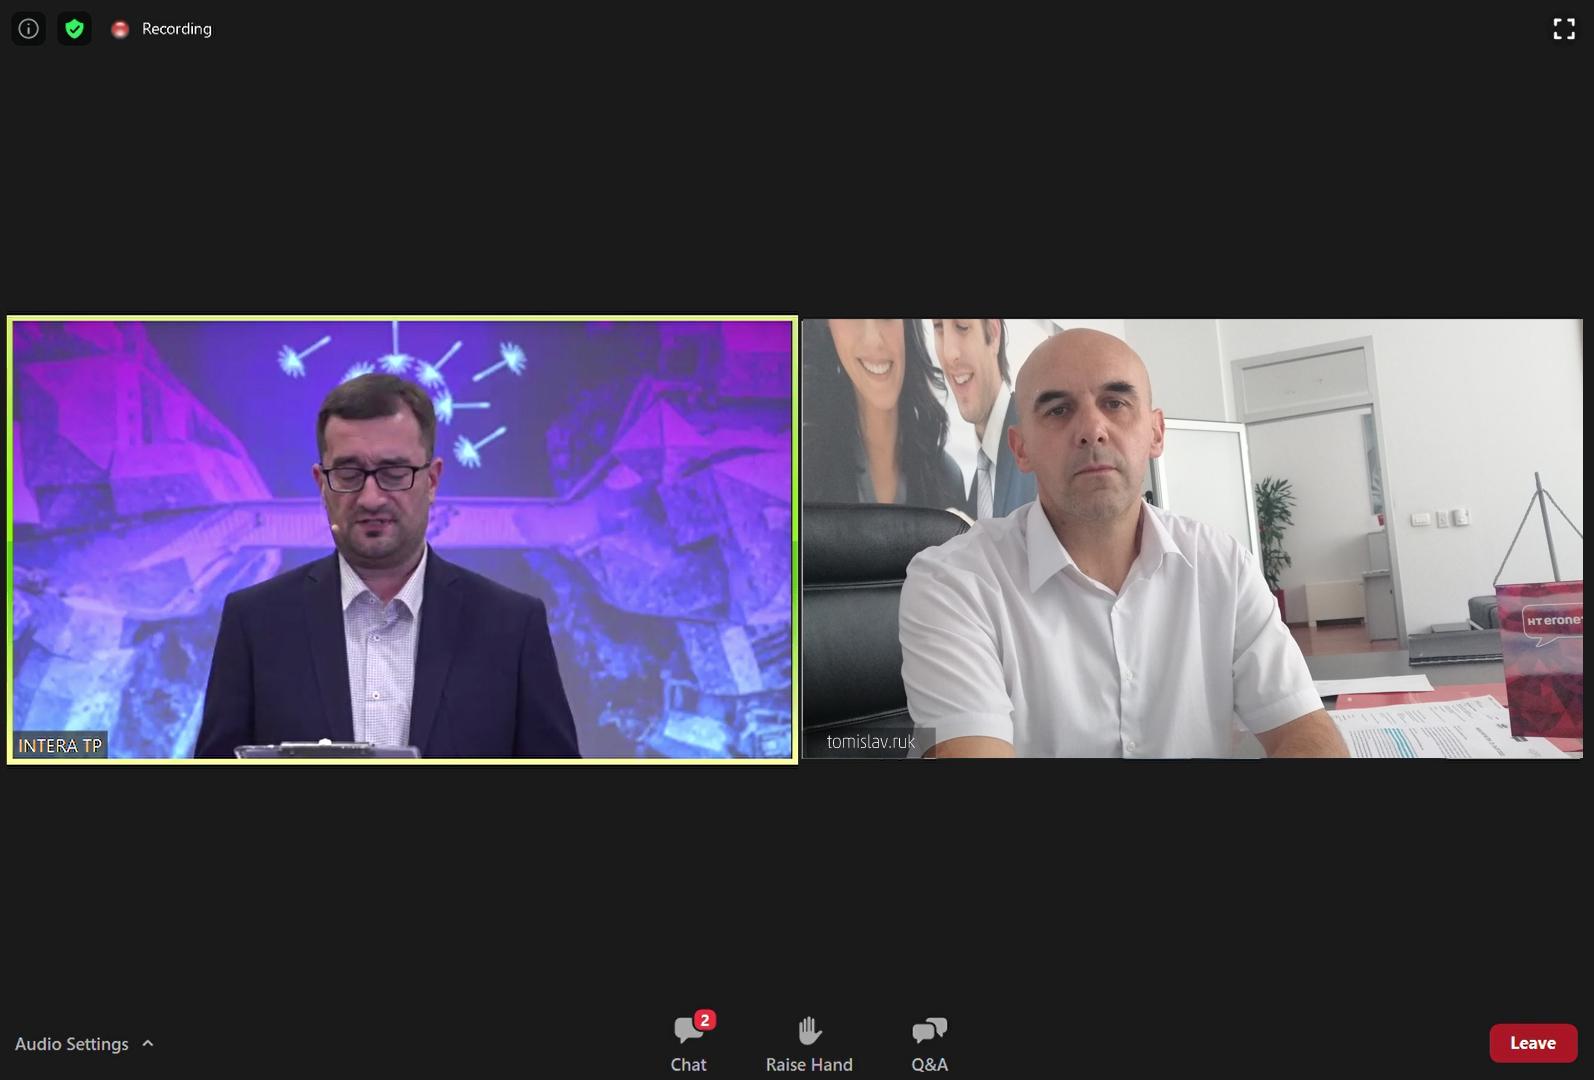 HT ERONET sponzor digitalne konferencije Connecto 2020.